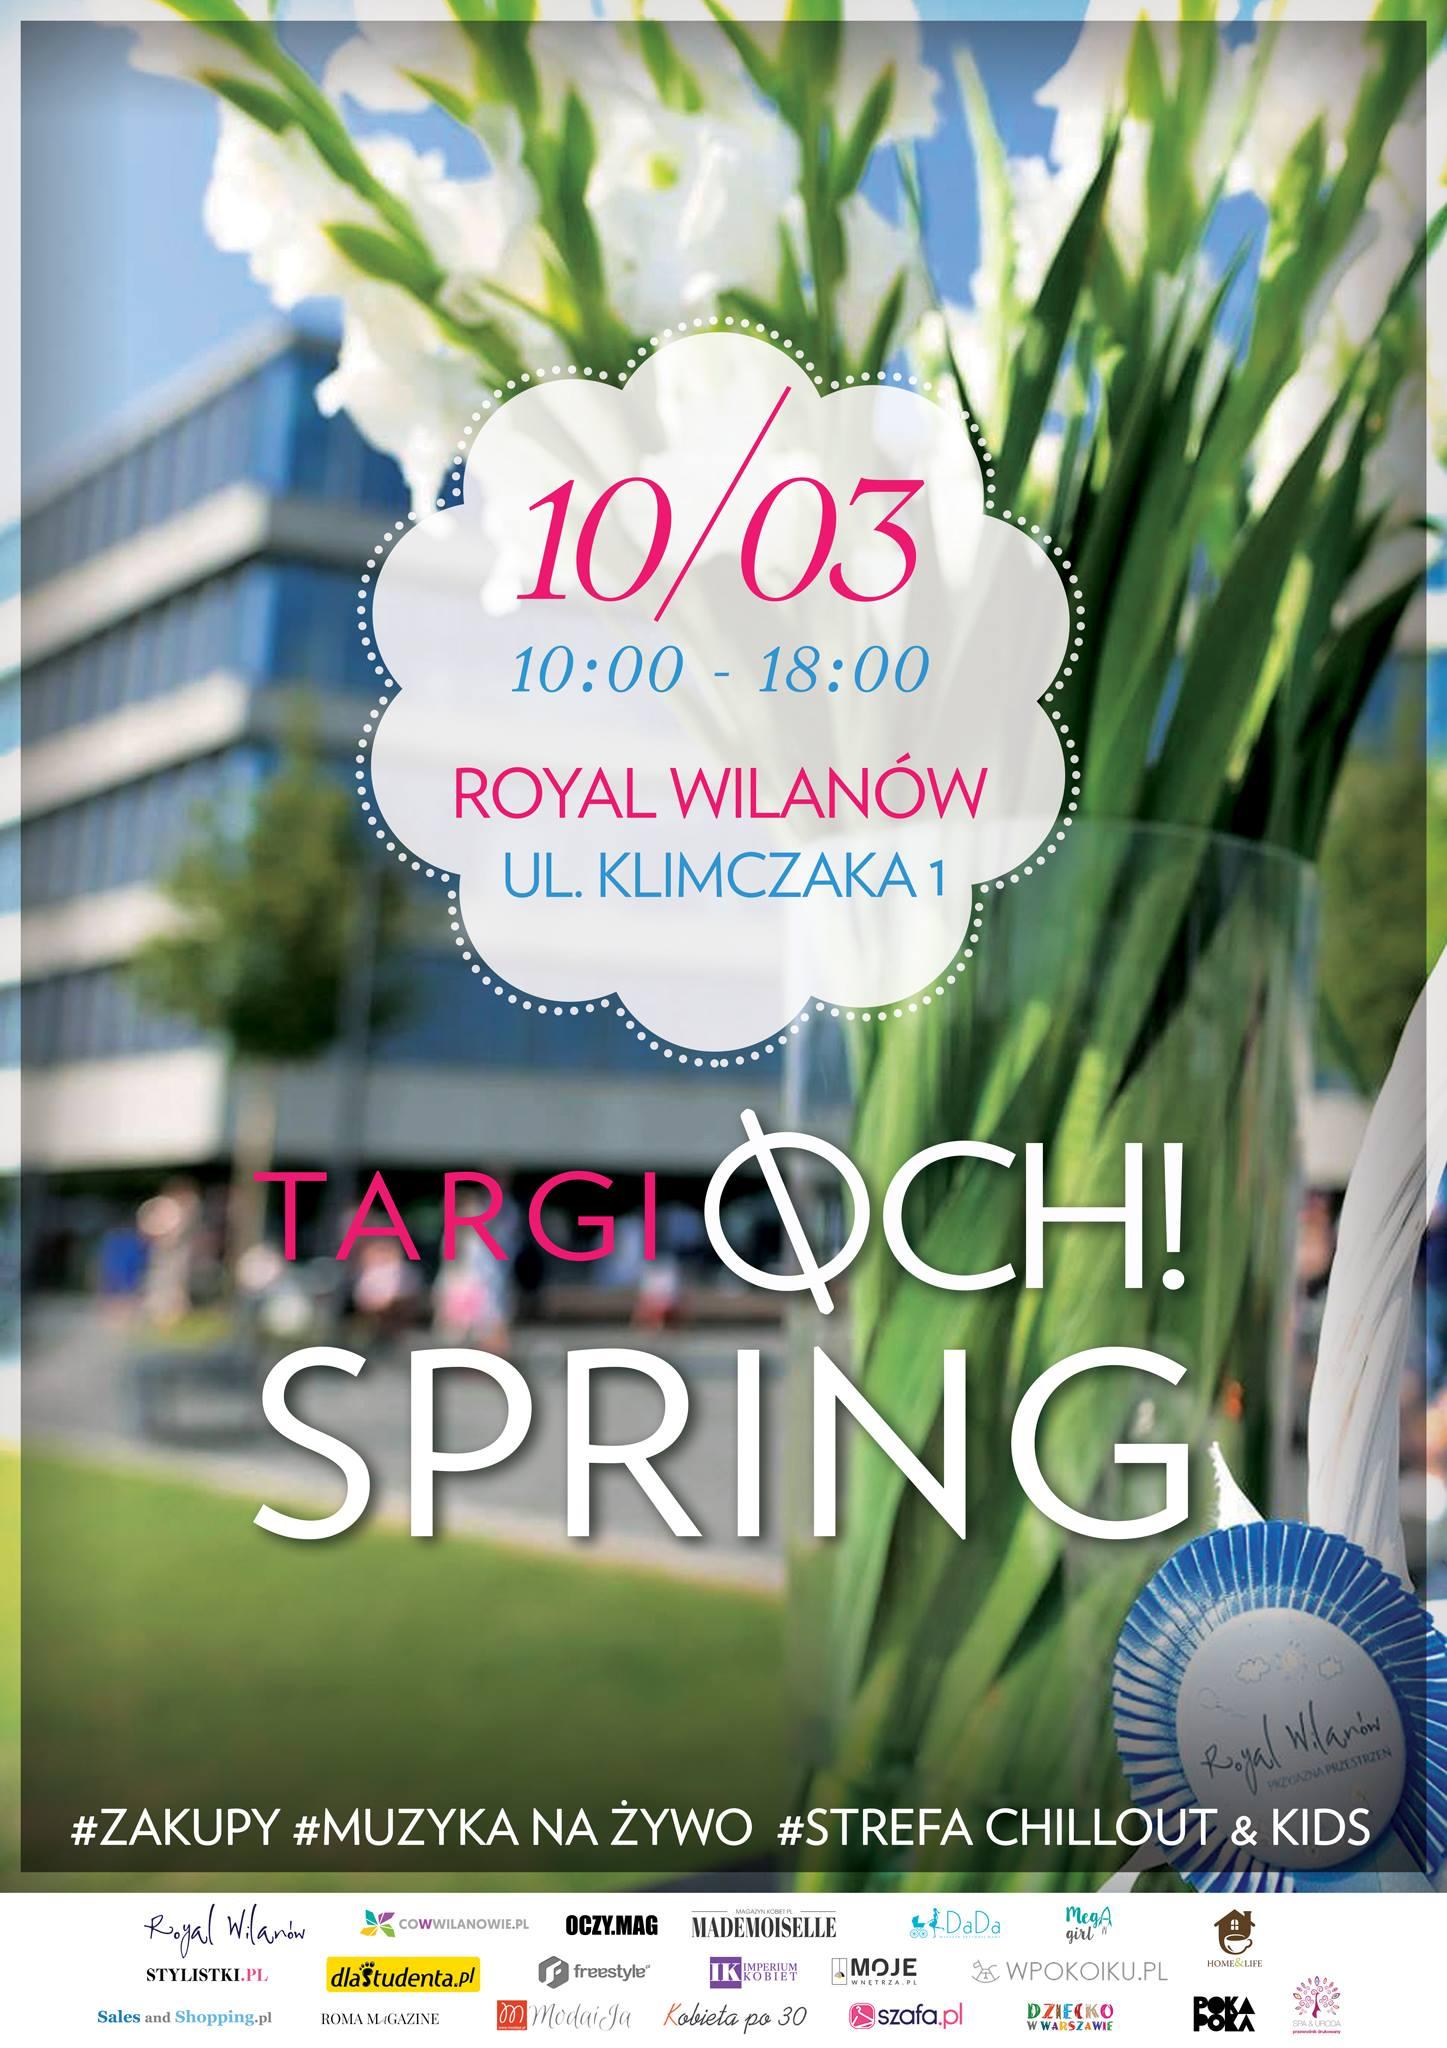 OCH! Spring Targi w Royal Wilanów